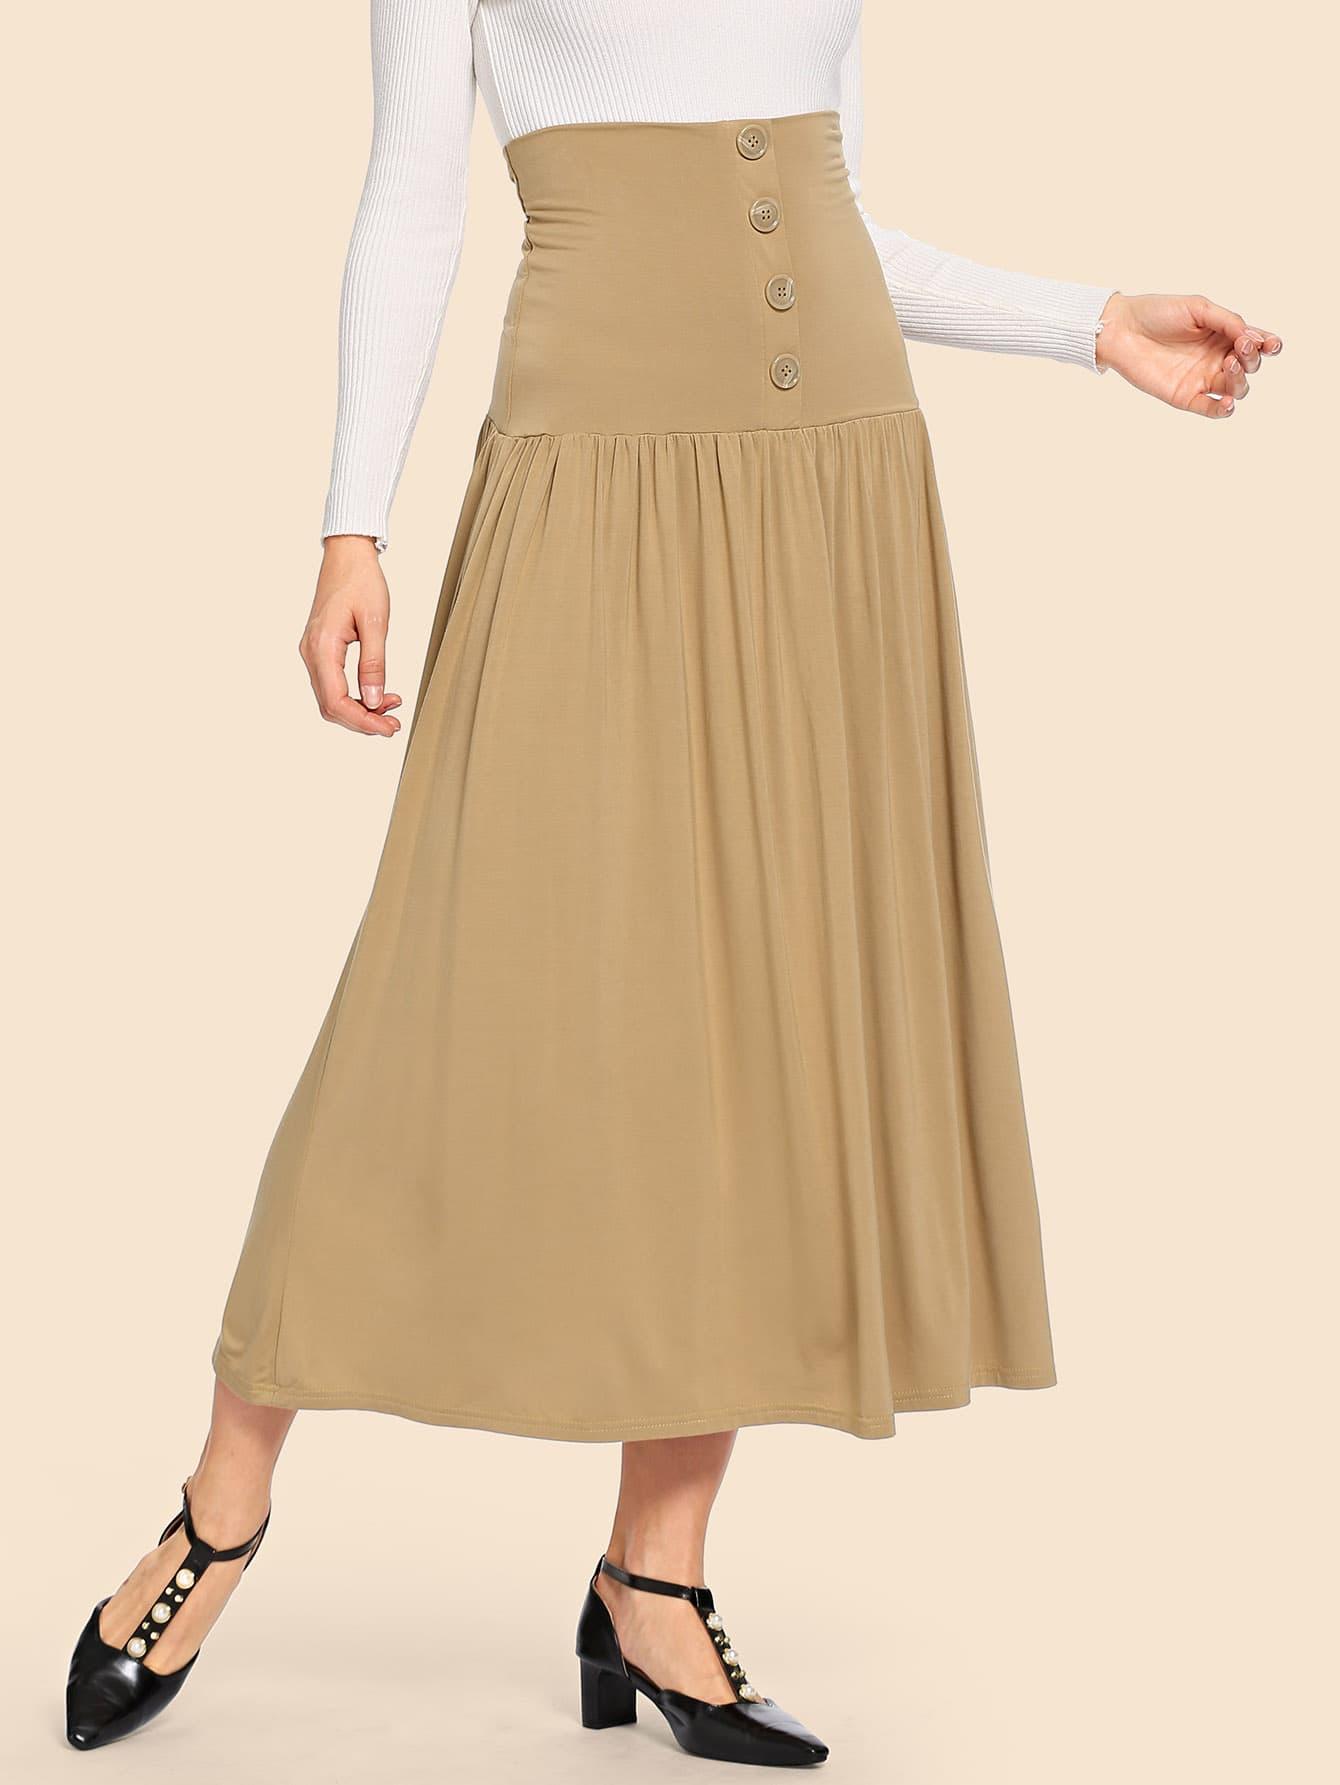 Плиссированная асимметричная юбка с украшением пуговицы